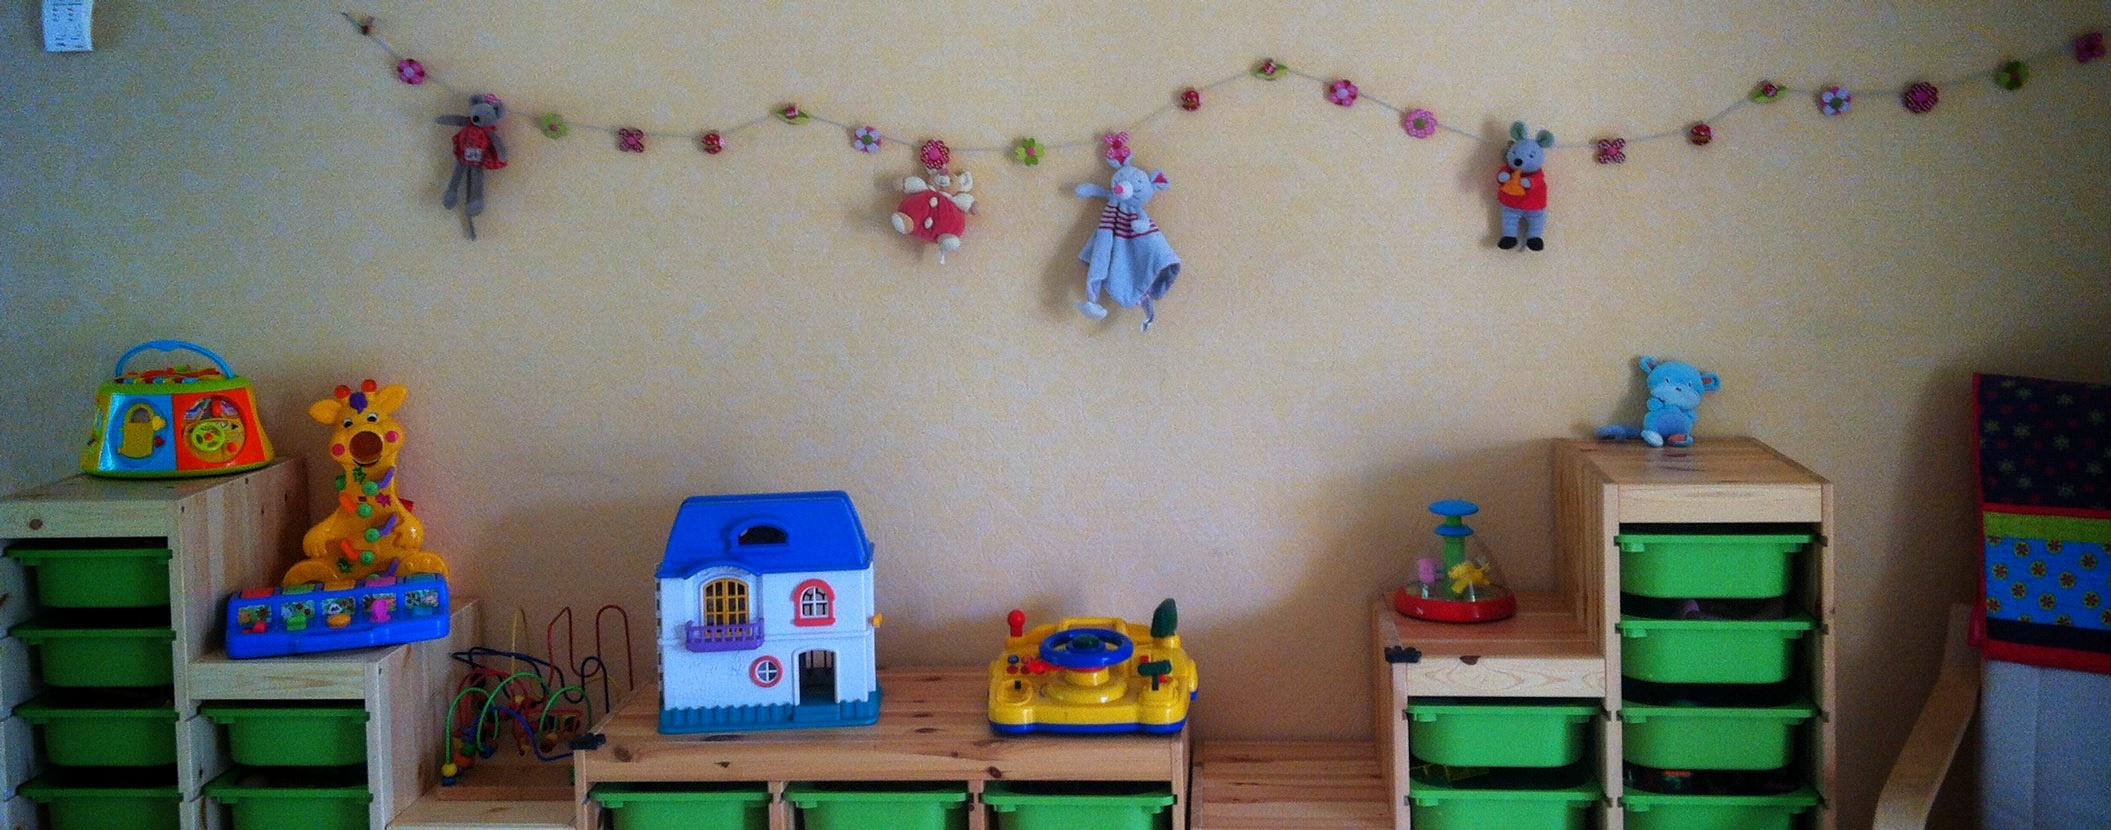 Projet d'accueil de la Maison d'Assistantes Maternelles